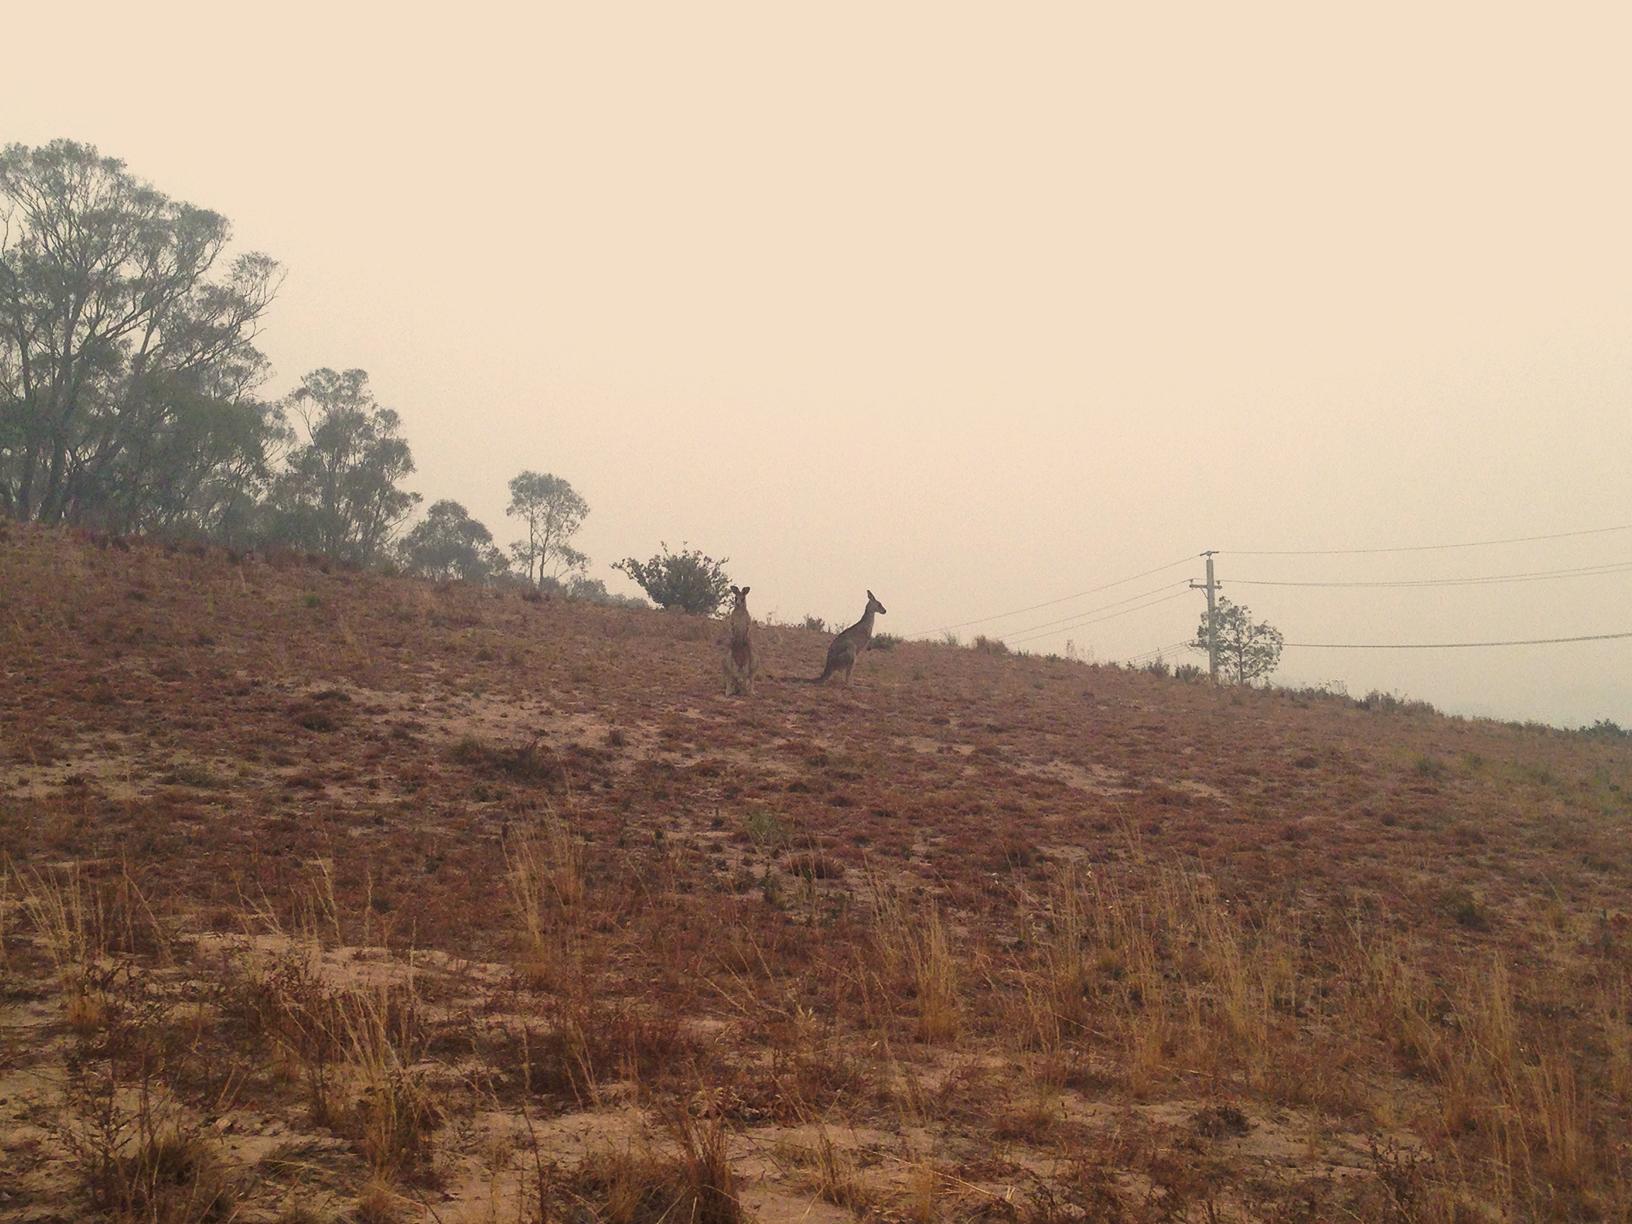 Kangaroos in smoke